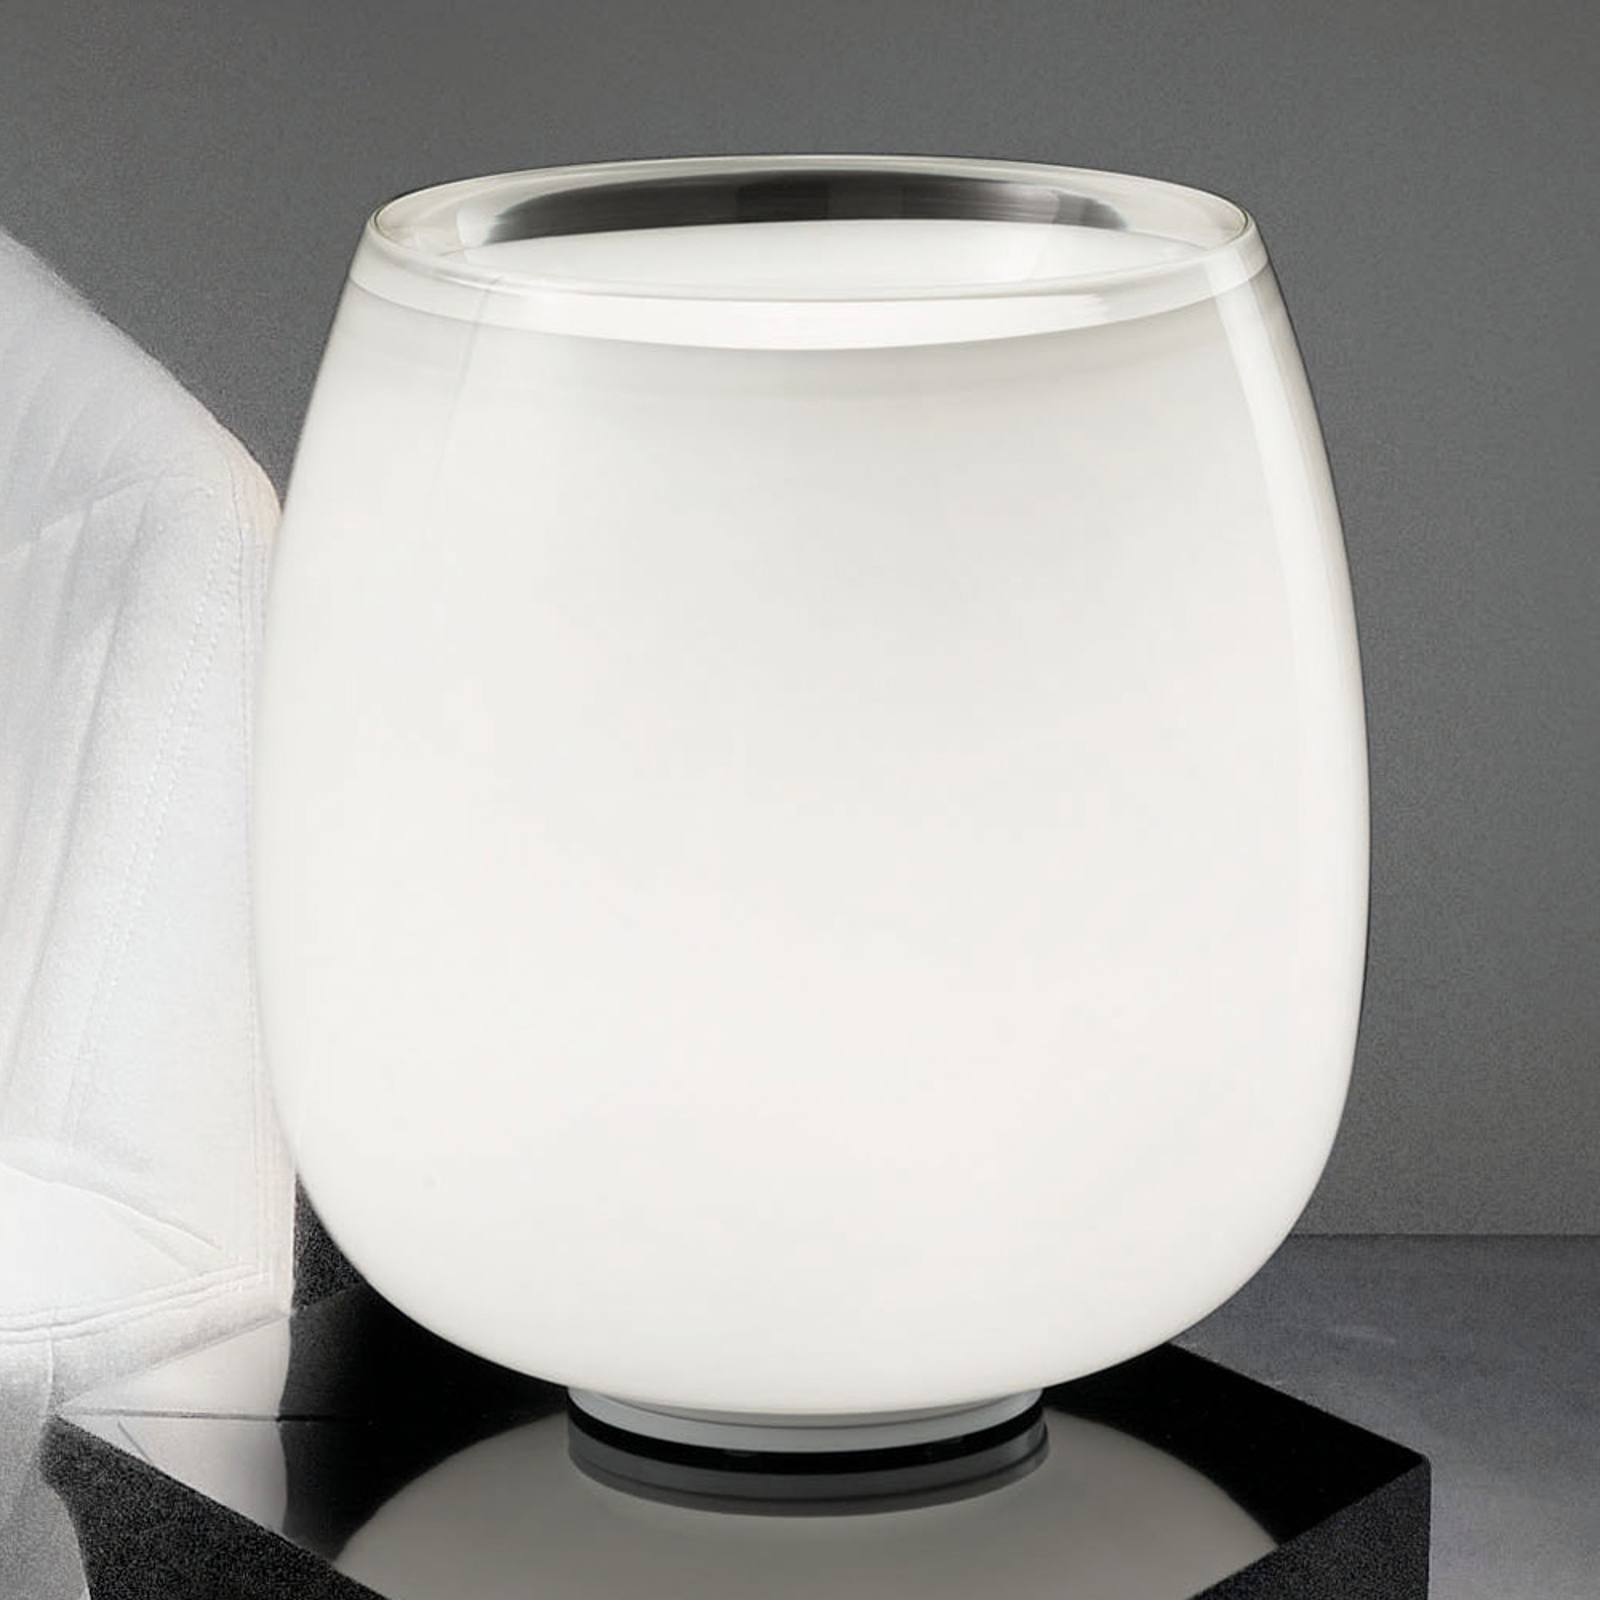 Implode - lasinen pöytälamppu Ø 38 cm